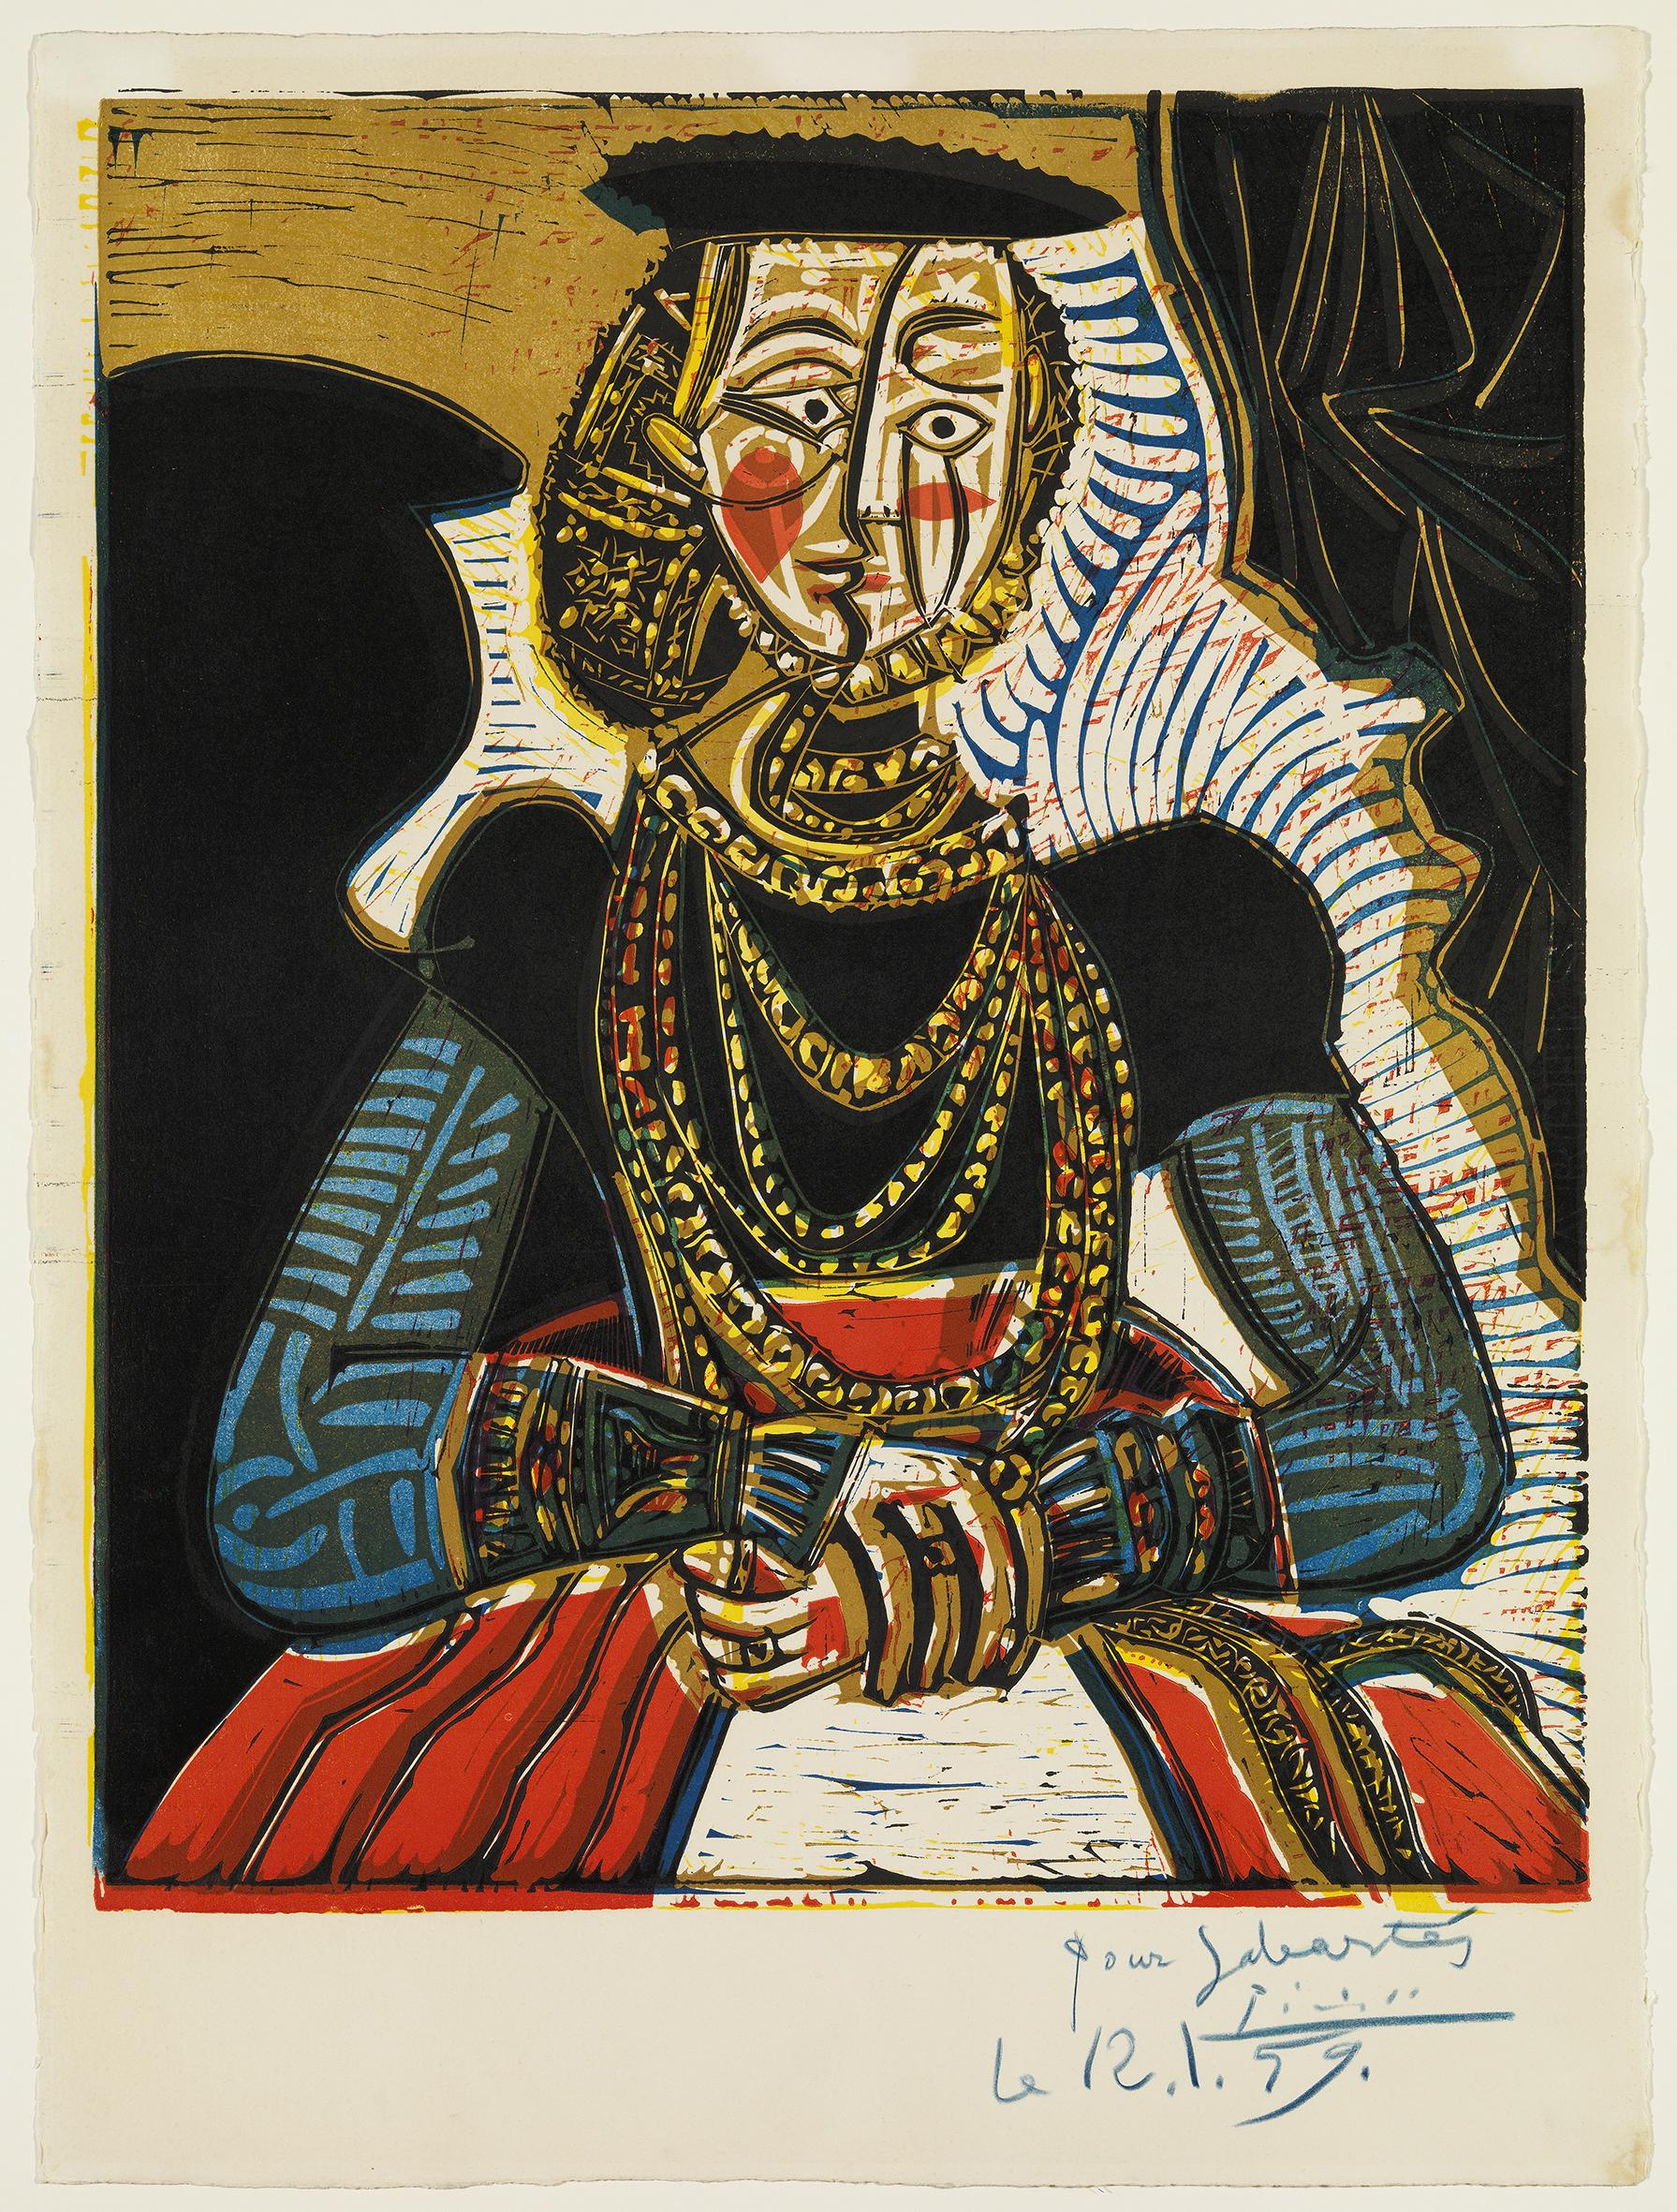 """Pablo Picasso (1881-1973), """"Busto de una dama, según Lucas Cranach el Joven II"""", Cannes, 4 de julio de 1958. Donación Jaume Sabartés, 1962.© Museu Picasso, Barcelona. Gasull Fotografía.© Sucesión Pablo Picasso, VEGAP, Madrid, 2015."""